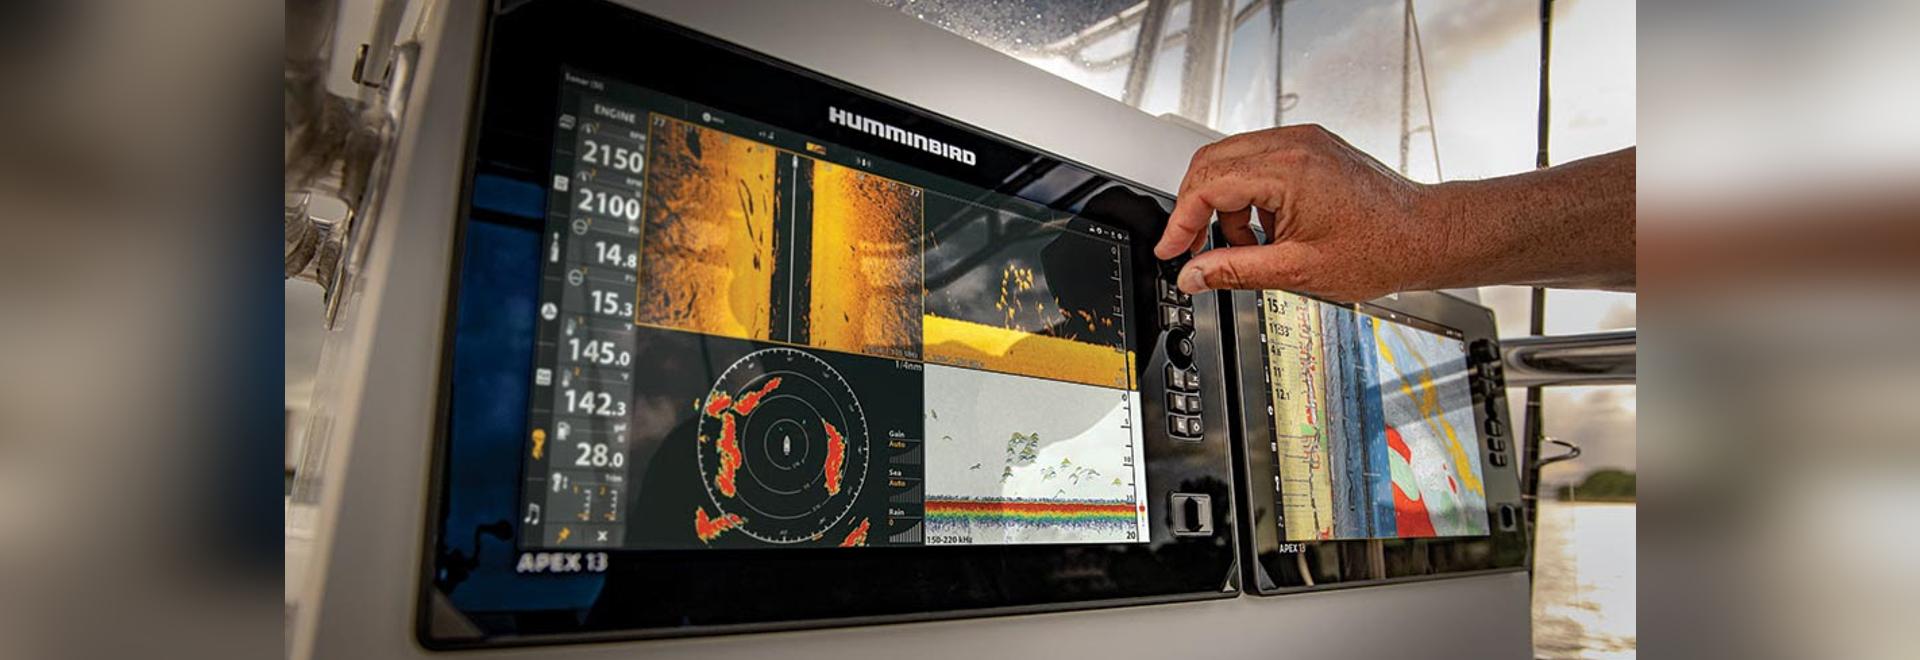 Le colibri présente la série APEX : Un appareil multifonction haut de gamme avec un écran haute définition, un sonar de première classe et des options de mise en réseau